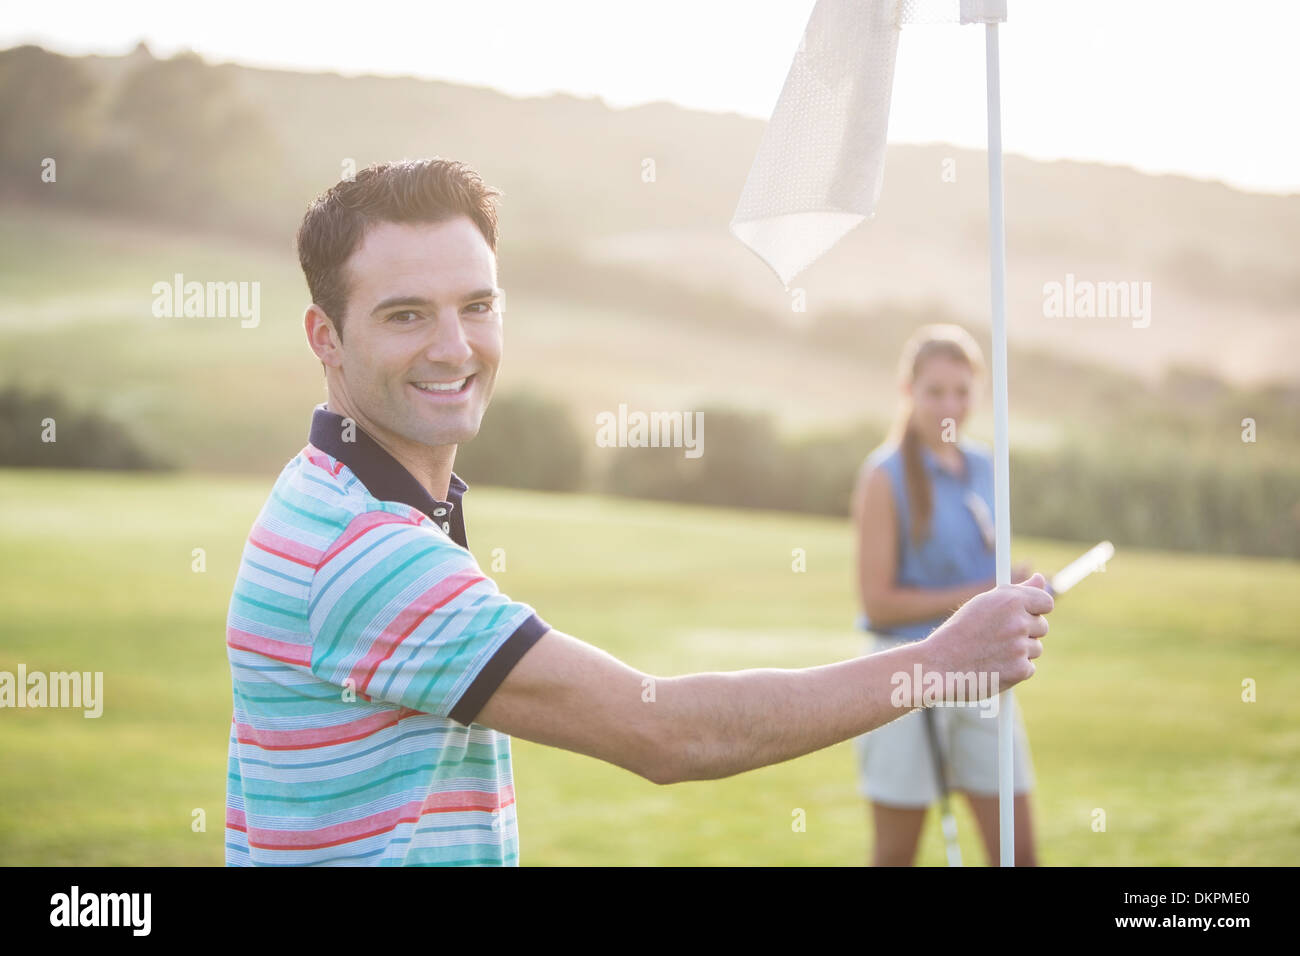 Matura sul campo da golf Immagini Stock